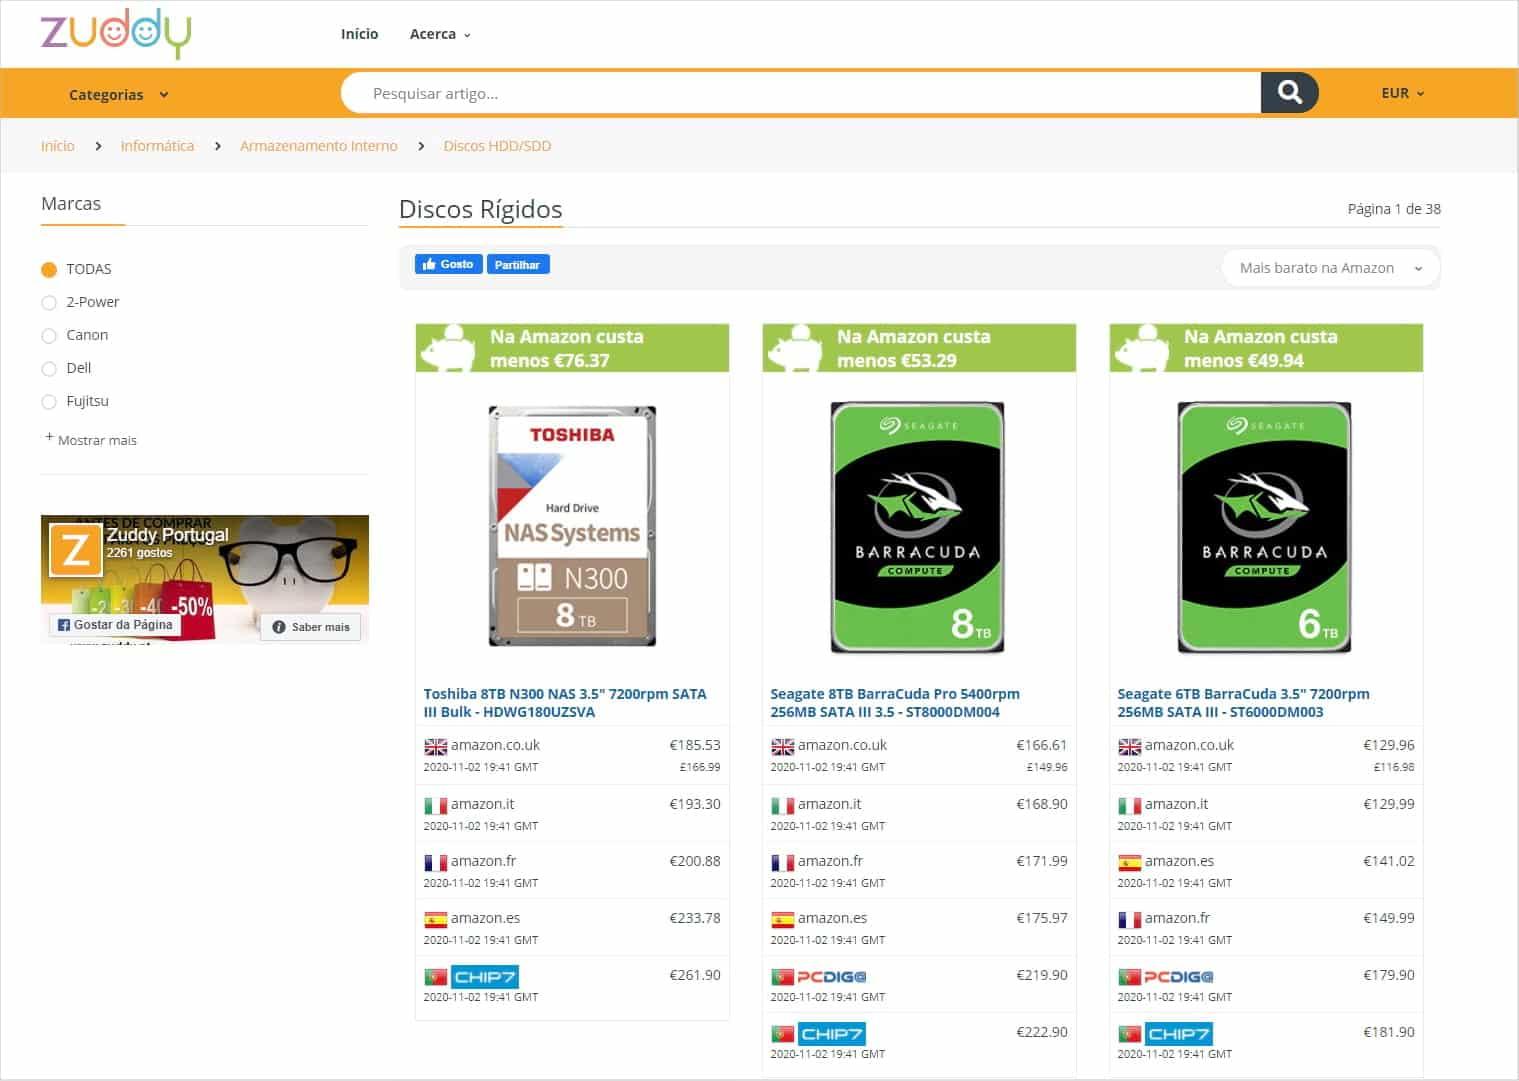 Zuddy - Comparação de preços de discos rígidos